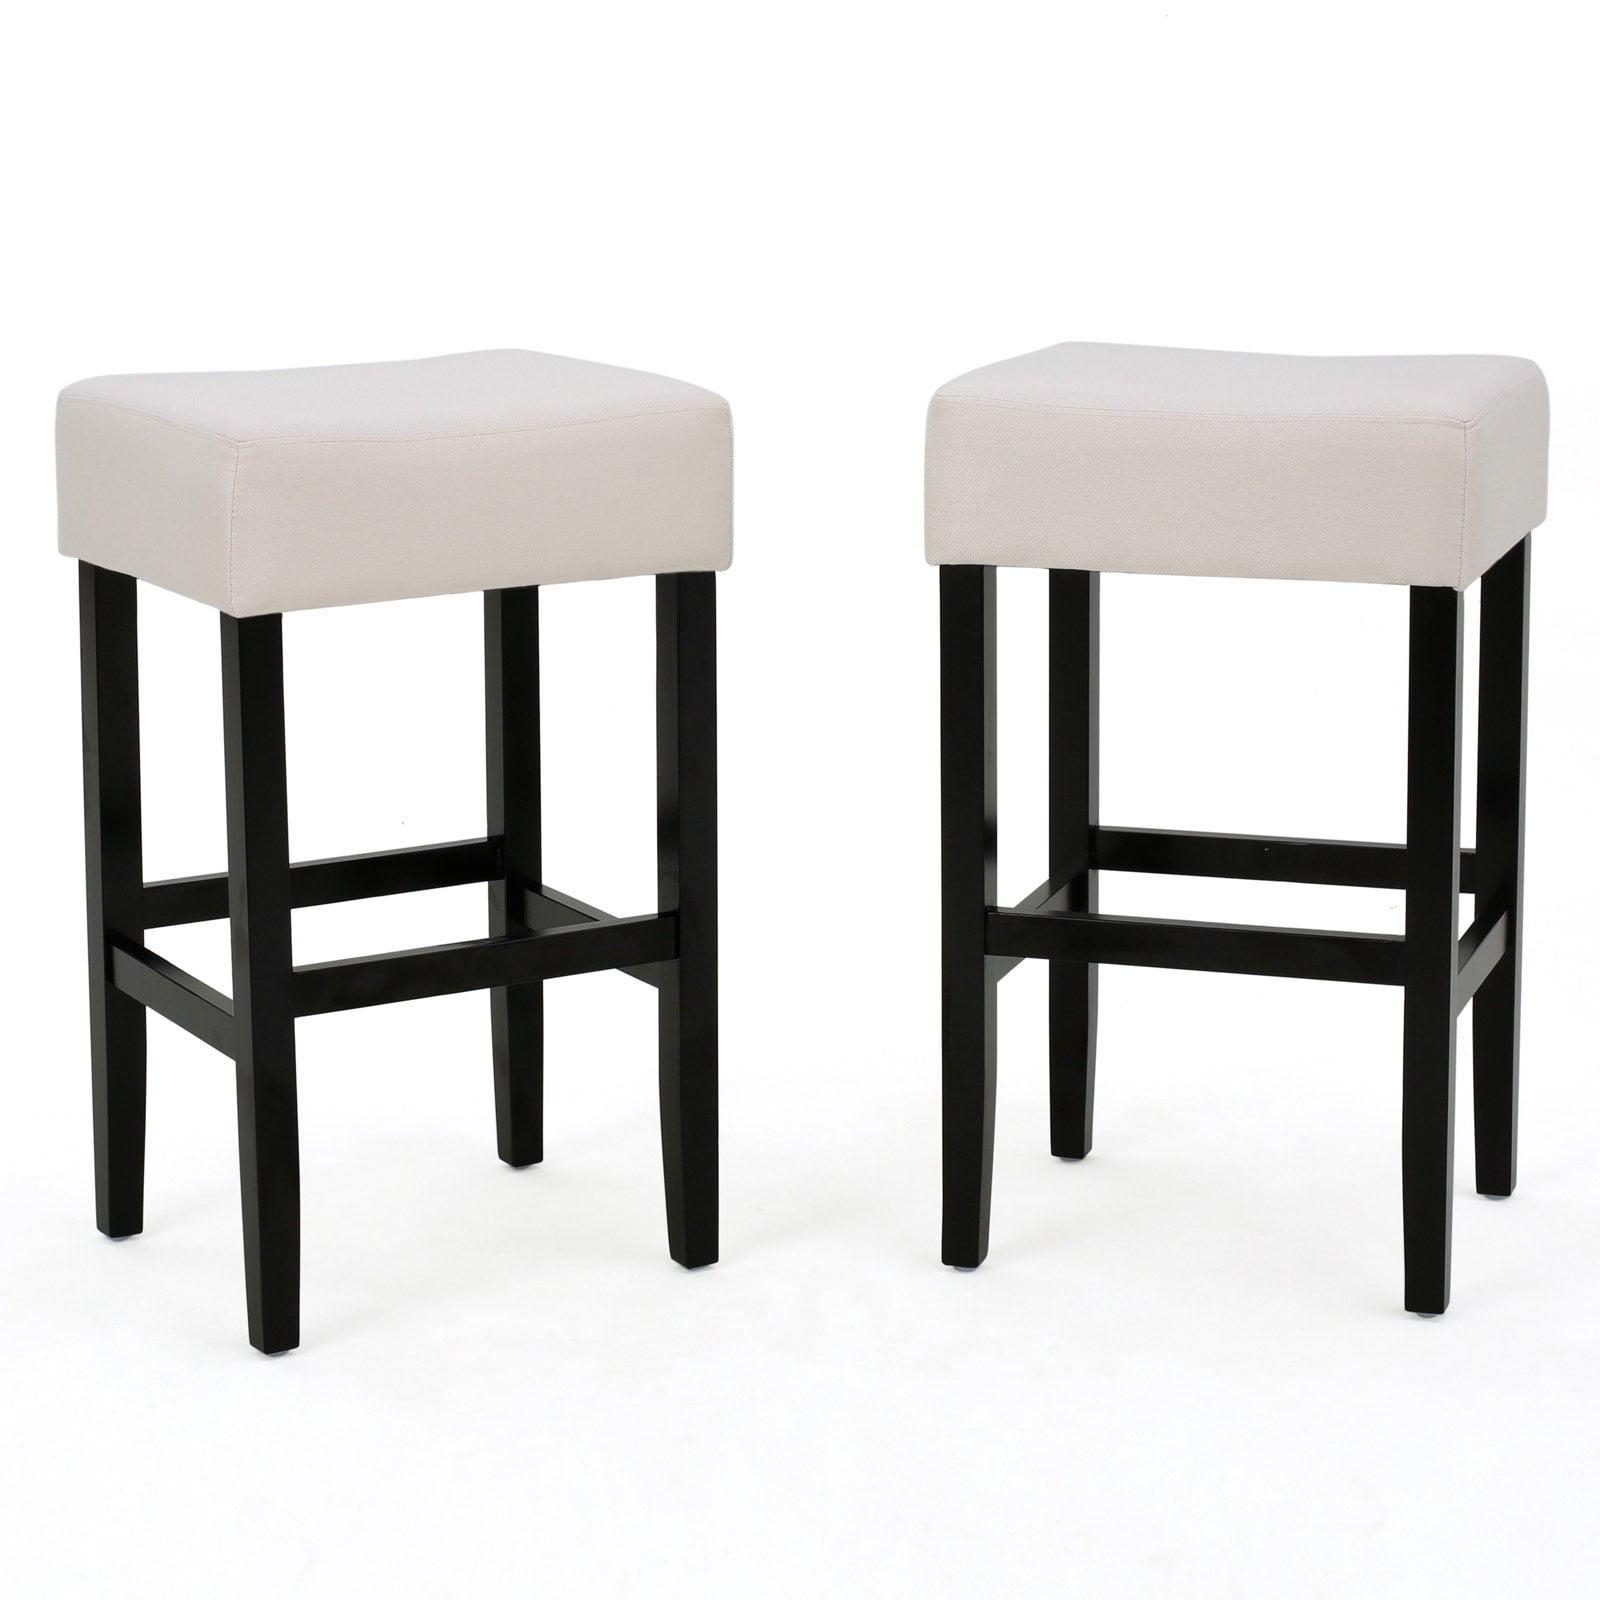 Ligan Upholstered Backless Bar Stool - Set of 2